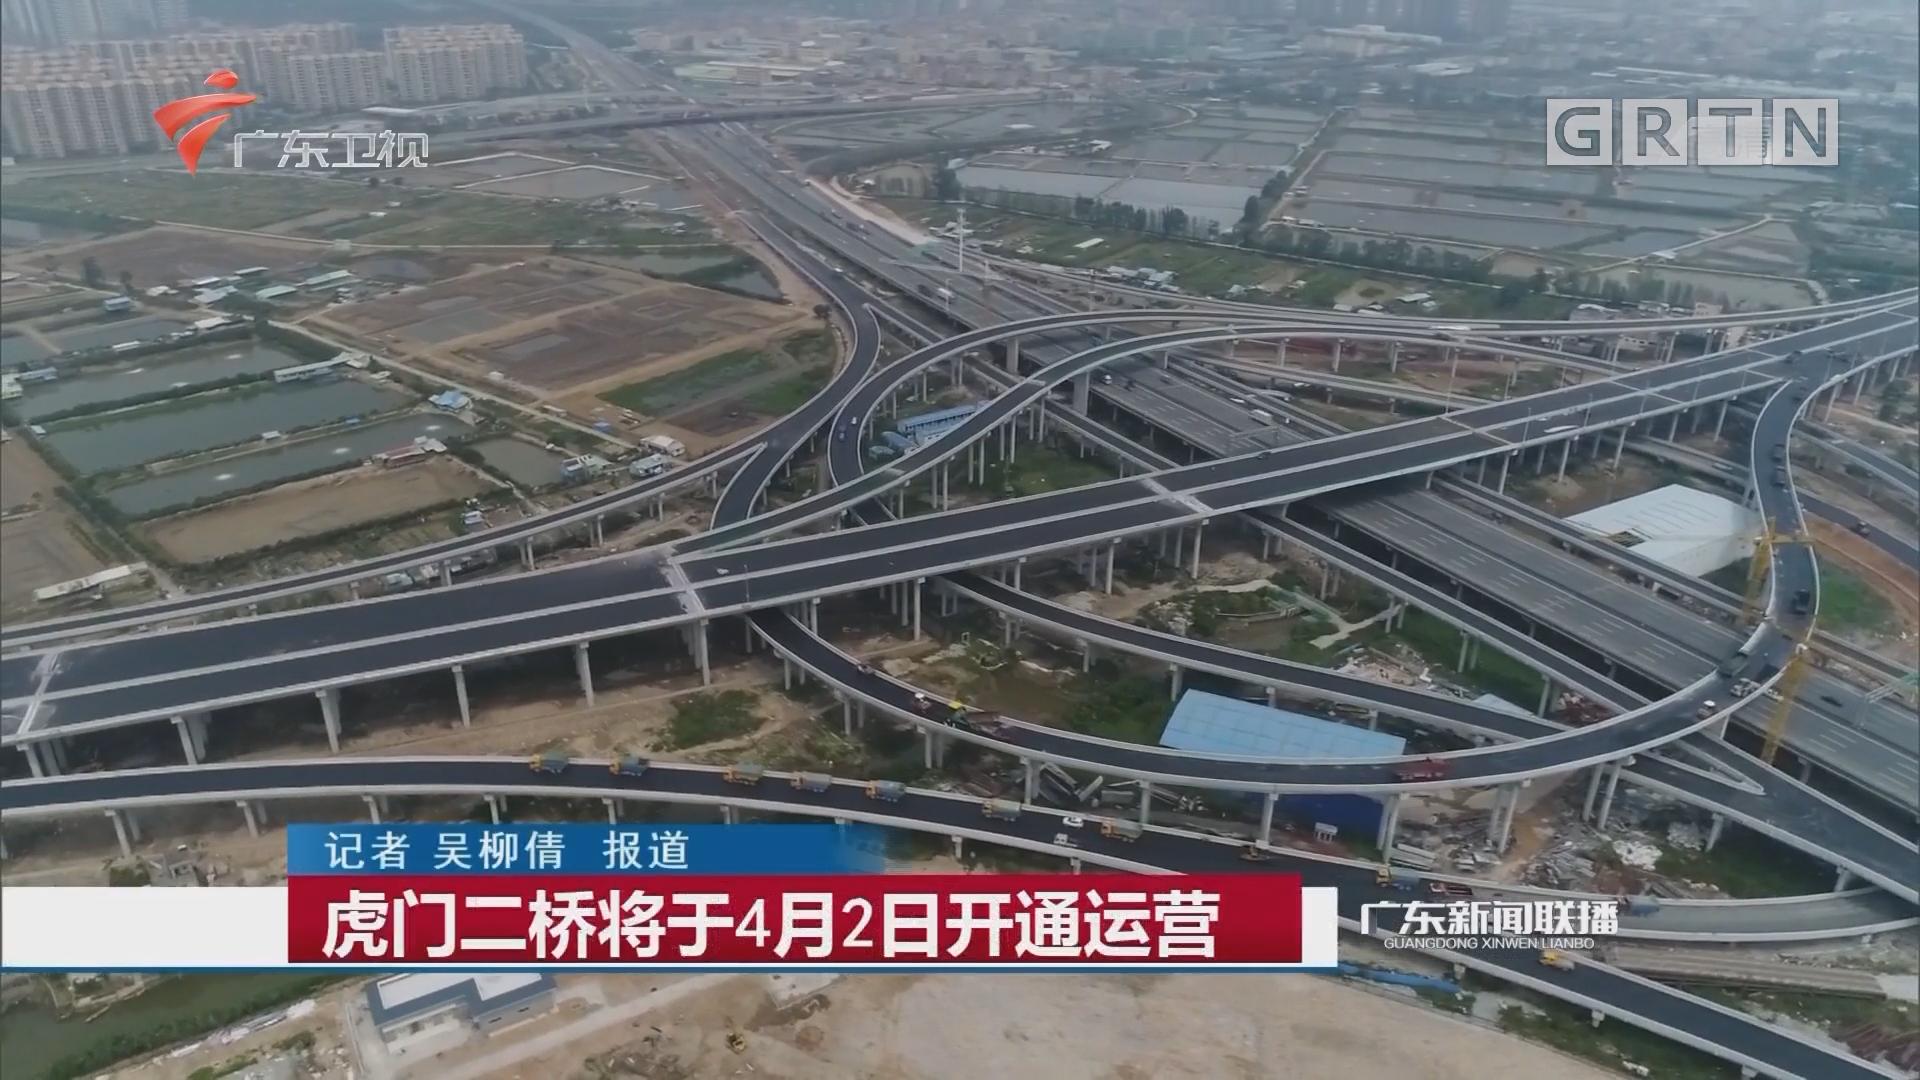 虎门二桥将于4月2日开通运营